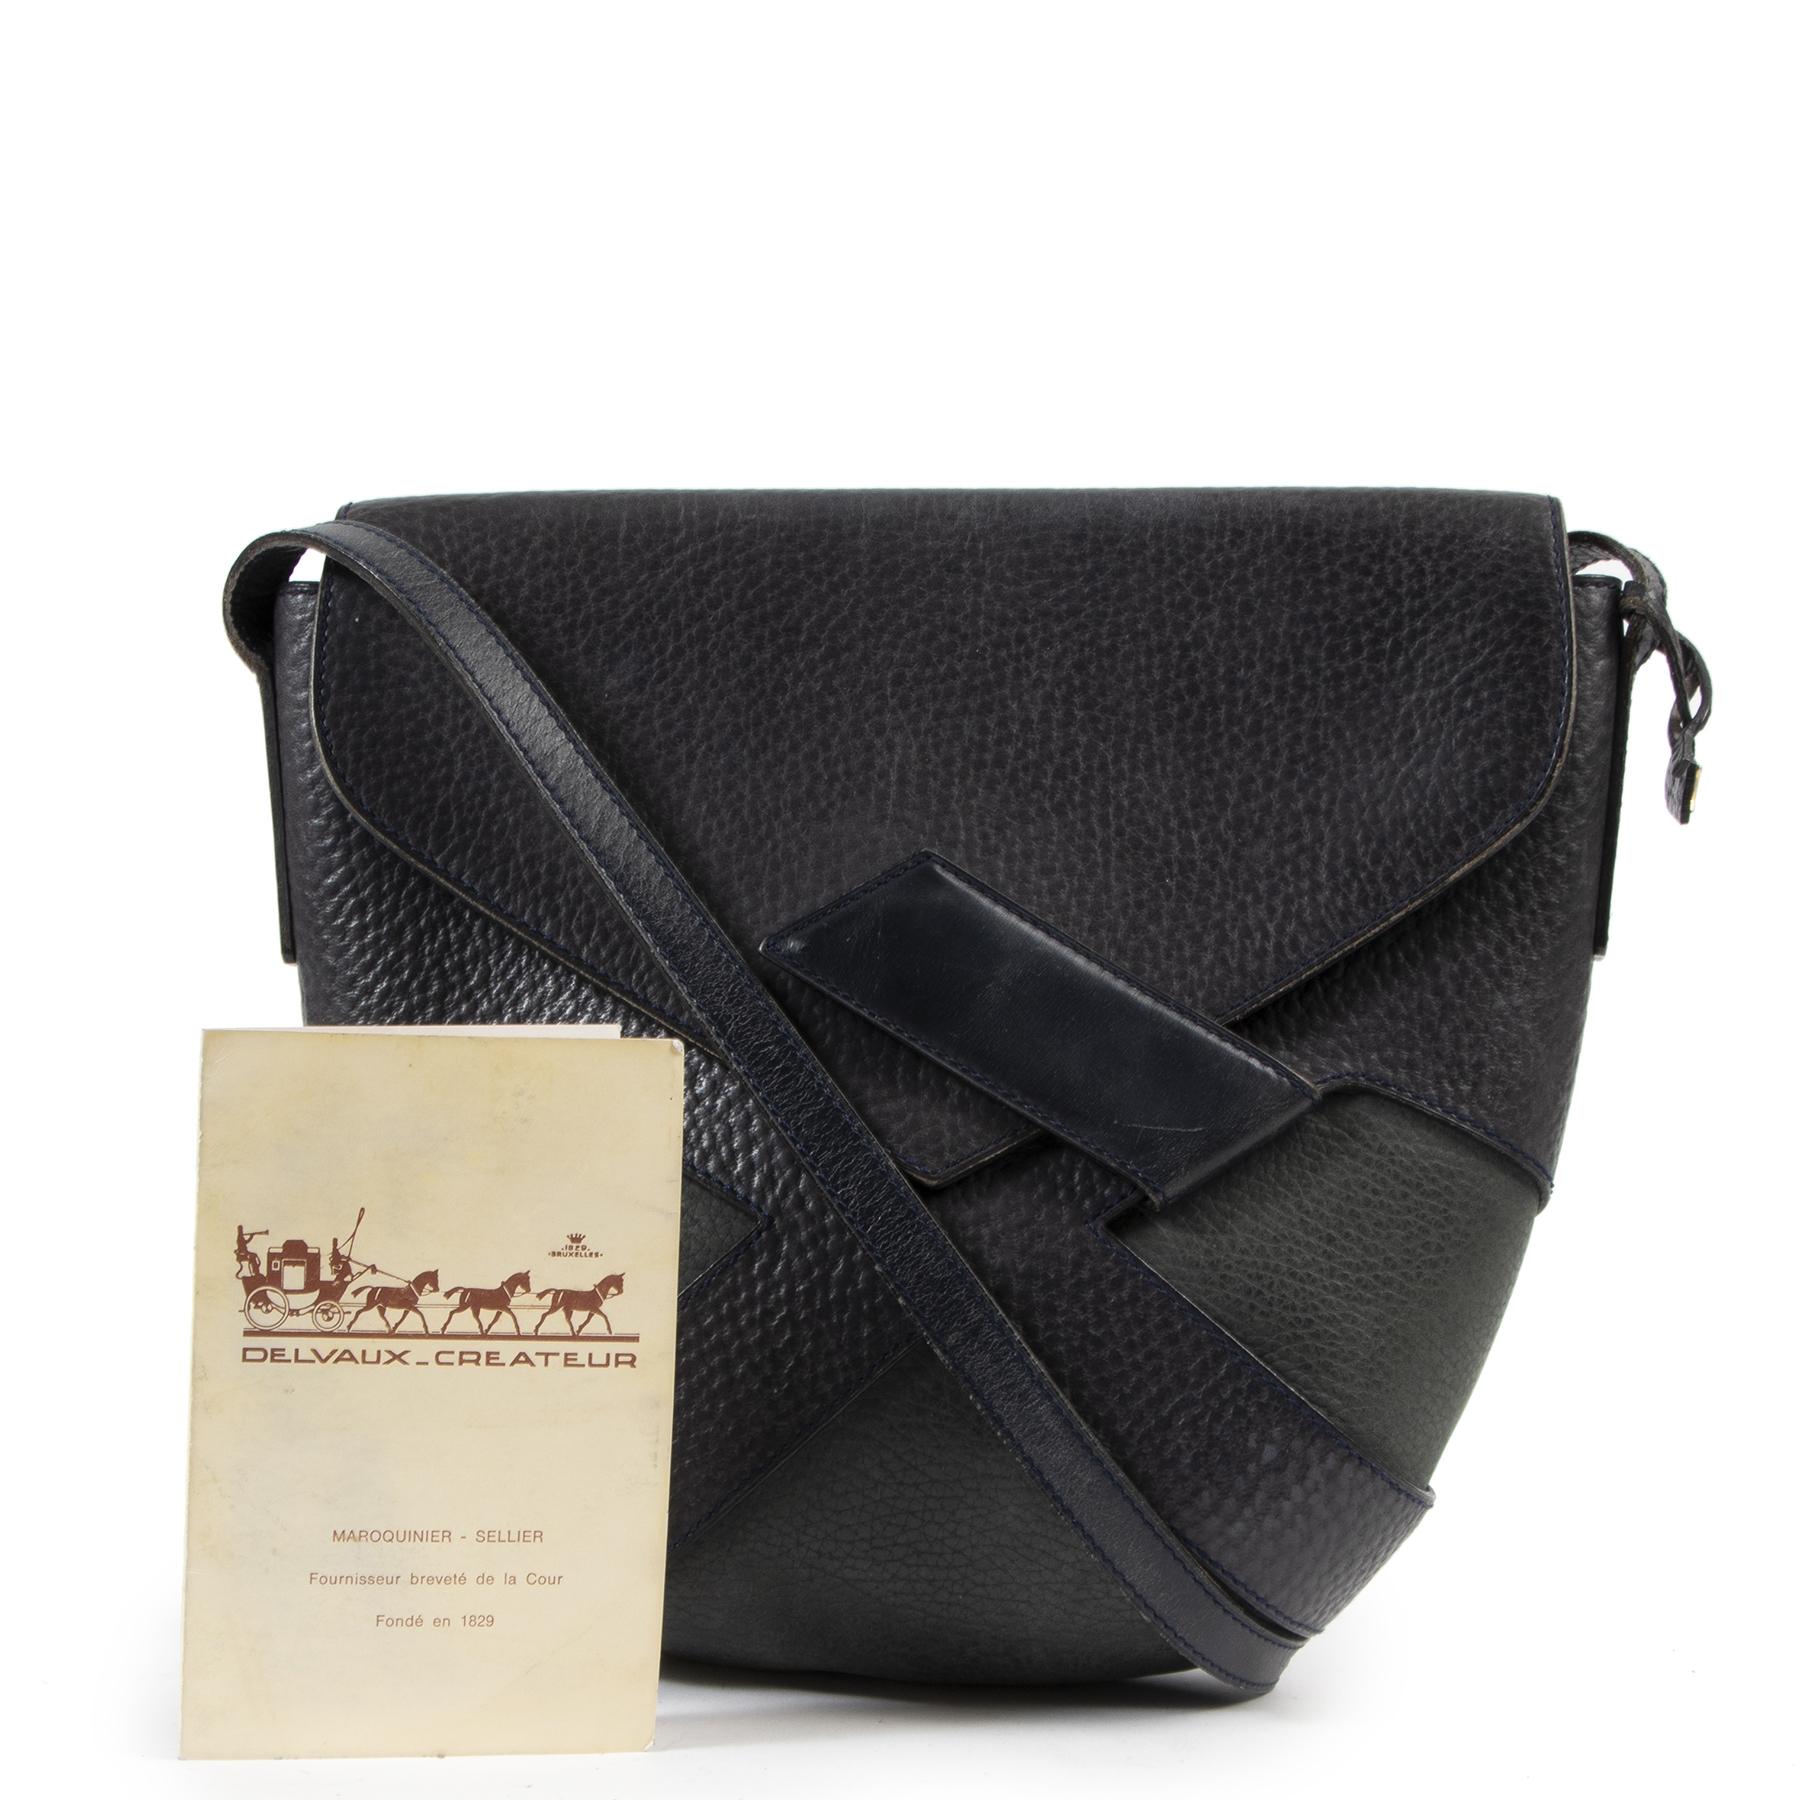 Authentieke Tweedehands Delvaux Blue Bicolor Leather Crossbody Bag juiste prijs veilig online shoppen luxe merken webshop winkelen Antwerpen België mode fashion